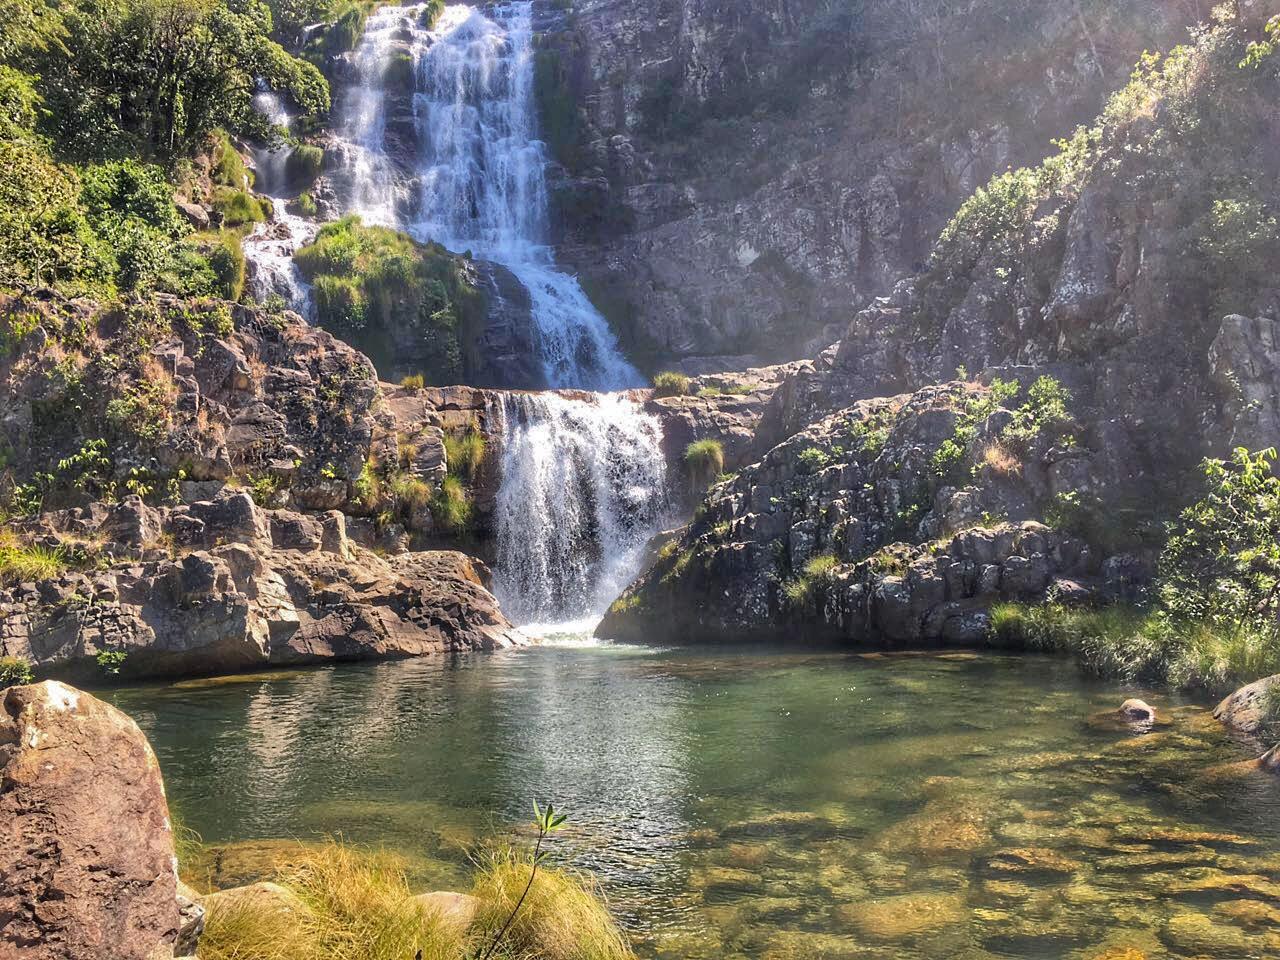 Cachoeira do Candaru,